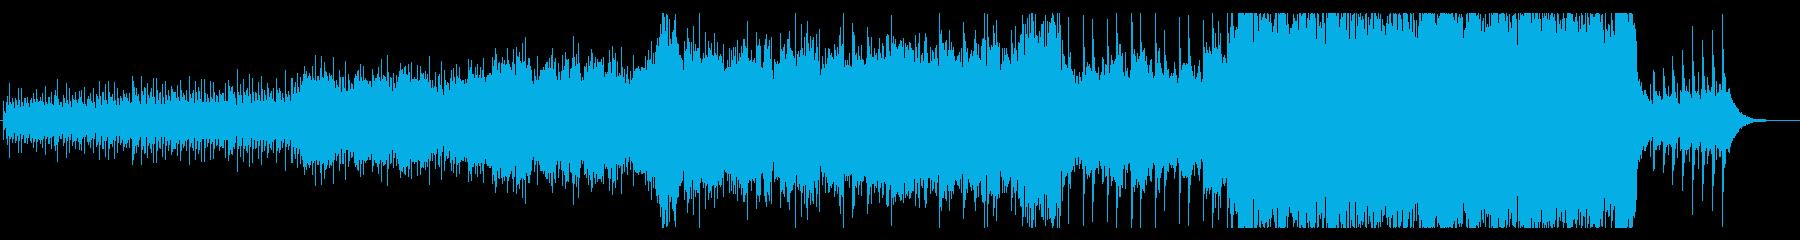 悲壮感、切なさ、ストリングス曲BGMの再生済みの波形